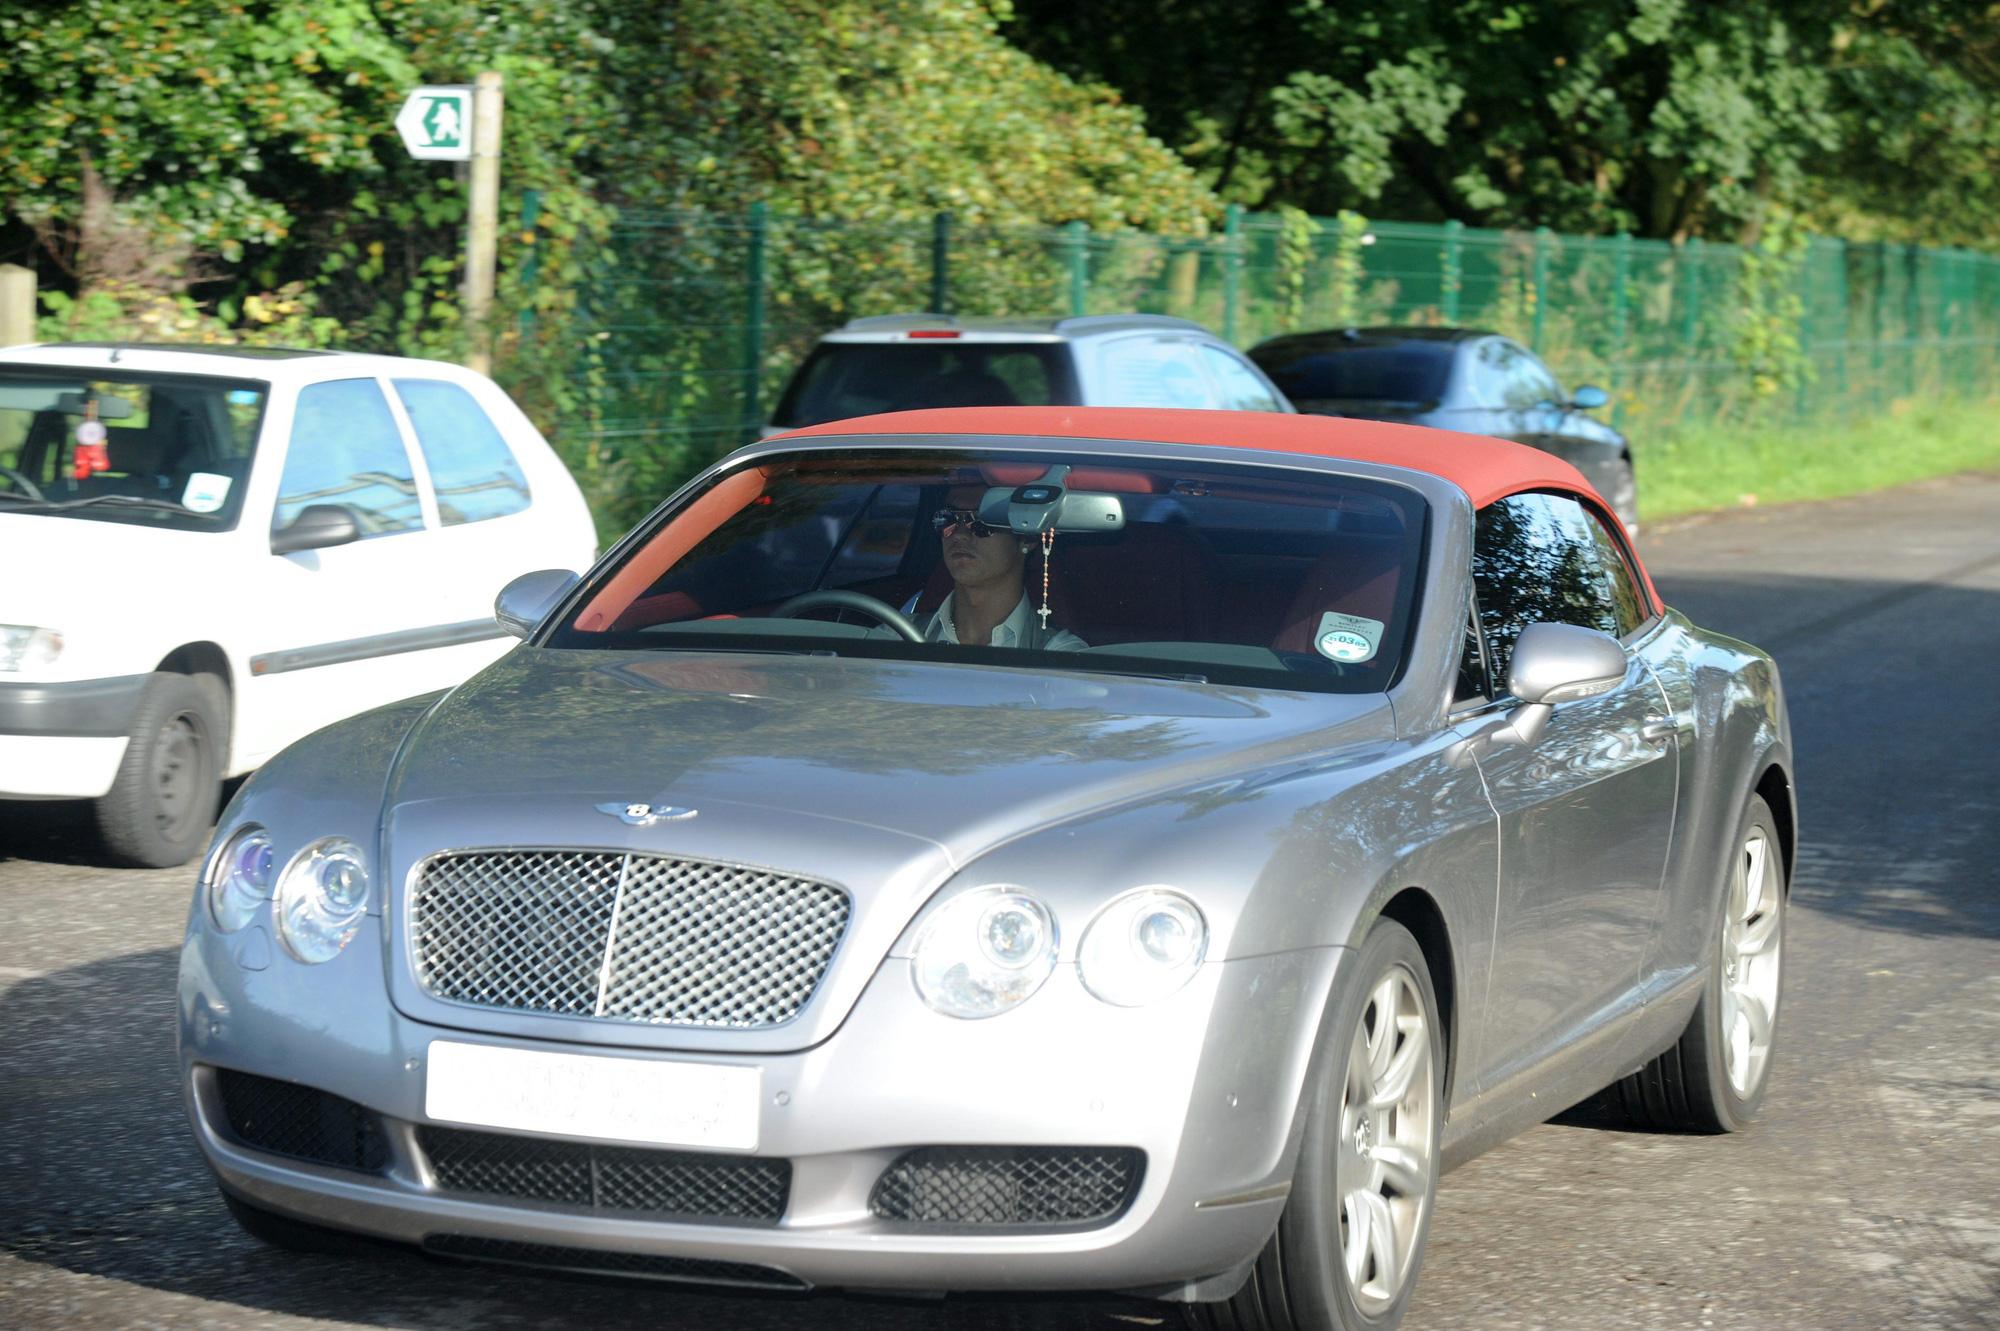 Cận cảnh bộ sưu tập siêu xe trị giá 17 triệu bảng Anh của Cristiano Ronaldo - Ảnh 12.